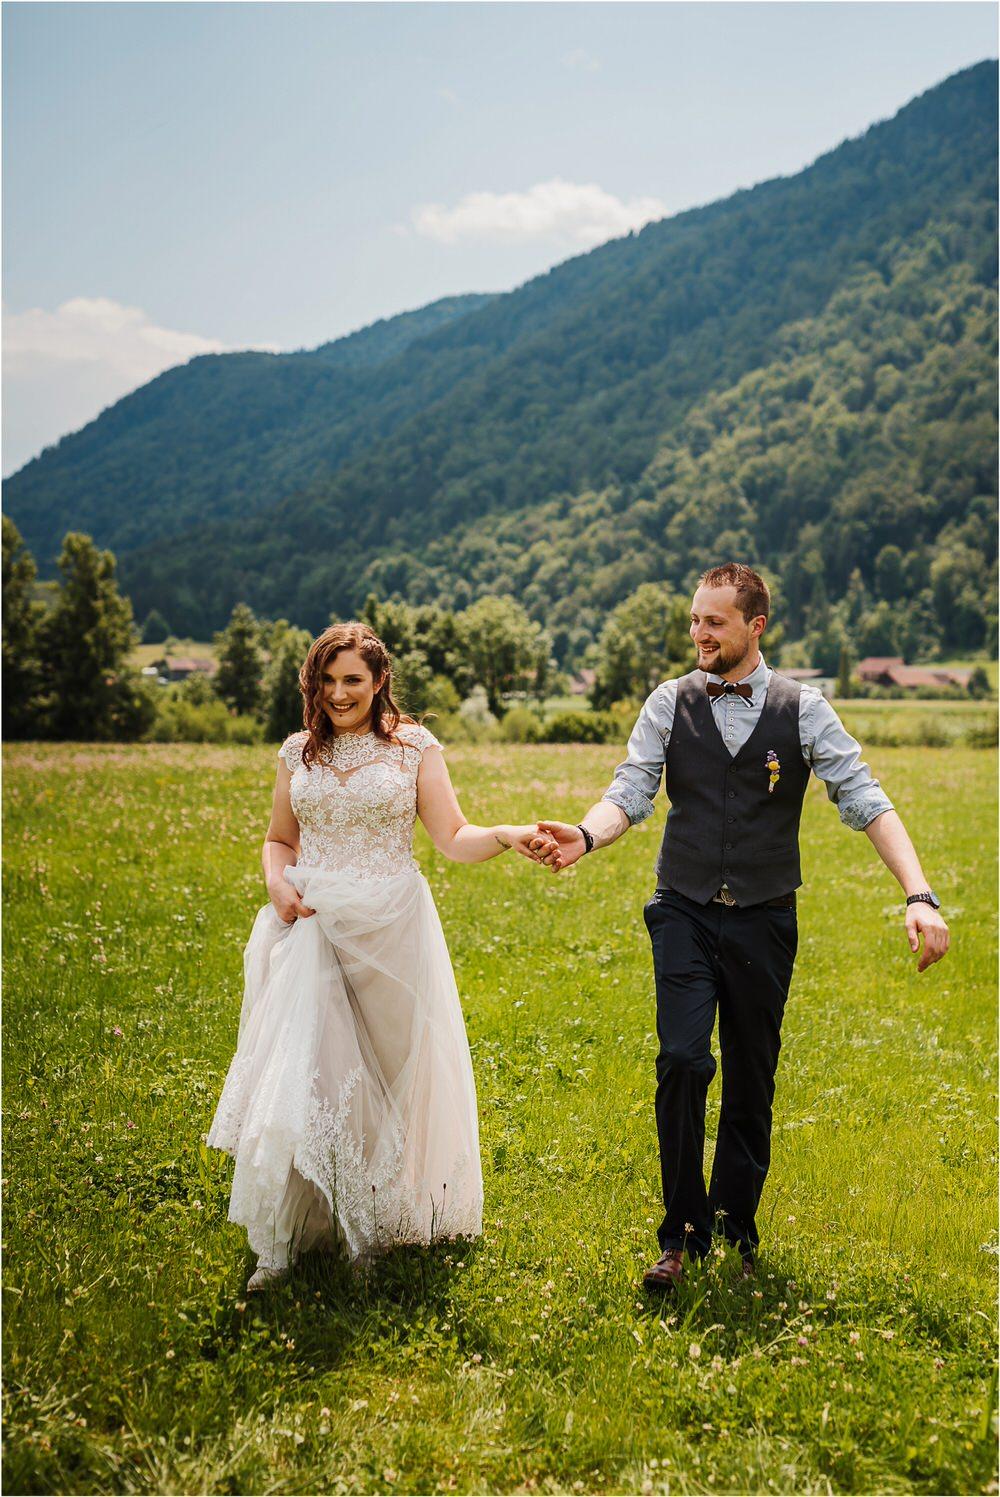 goriska brda poroka fotgorafija fotograf fotografiranje porocno kras primorska obala romanticna boho poroka rustikalna nika grega 0021.jpg